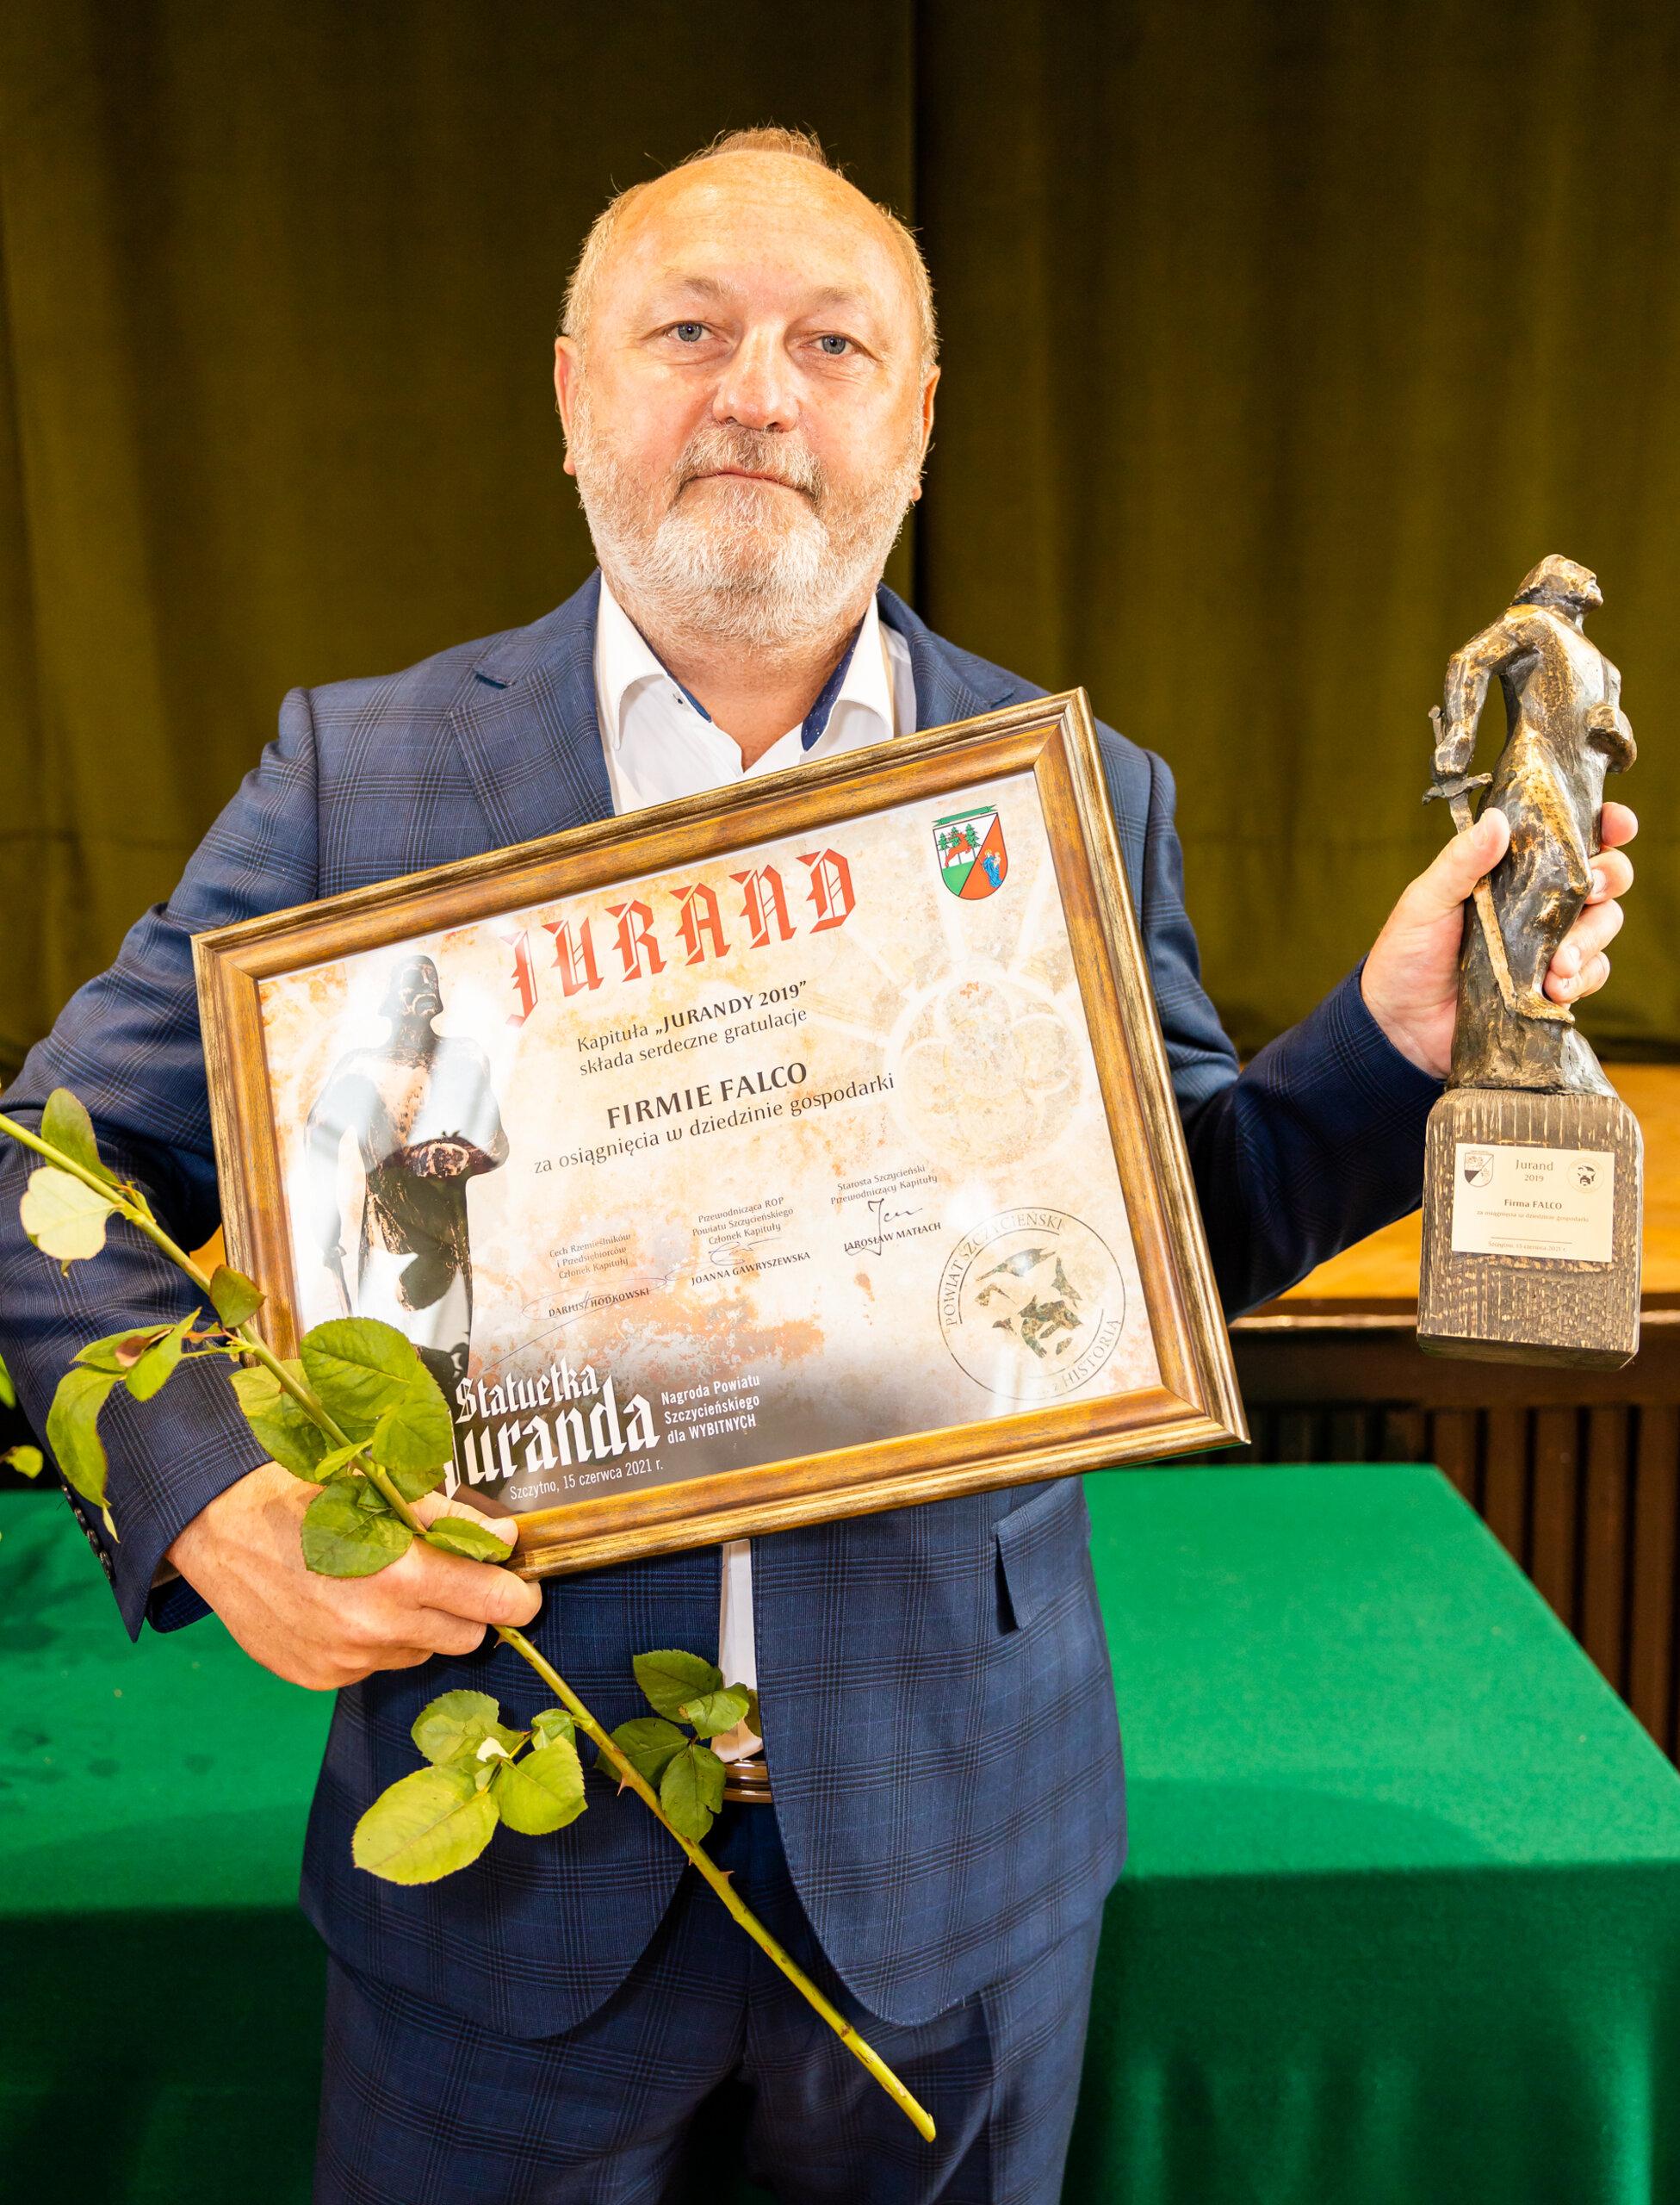 https://i.powiatszczycienski.pl/00/00/76/96/f/o8a5114-picture60c8f412de20d.jpg